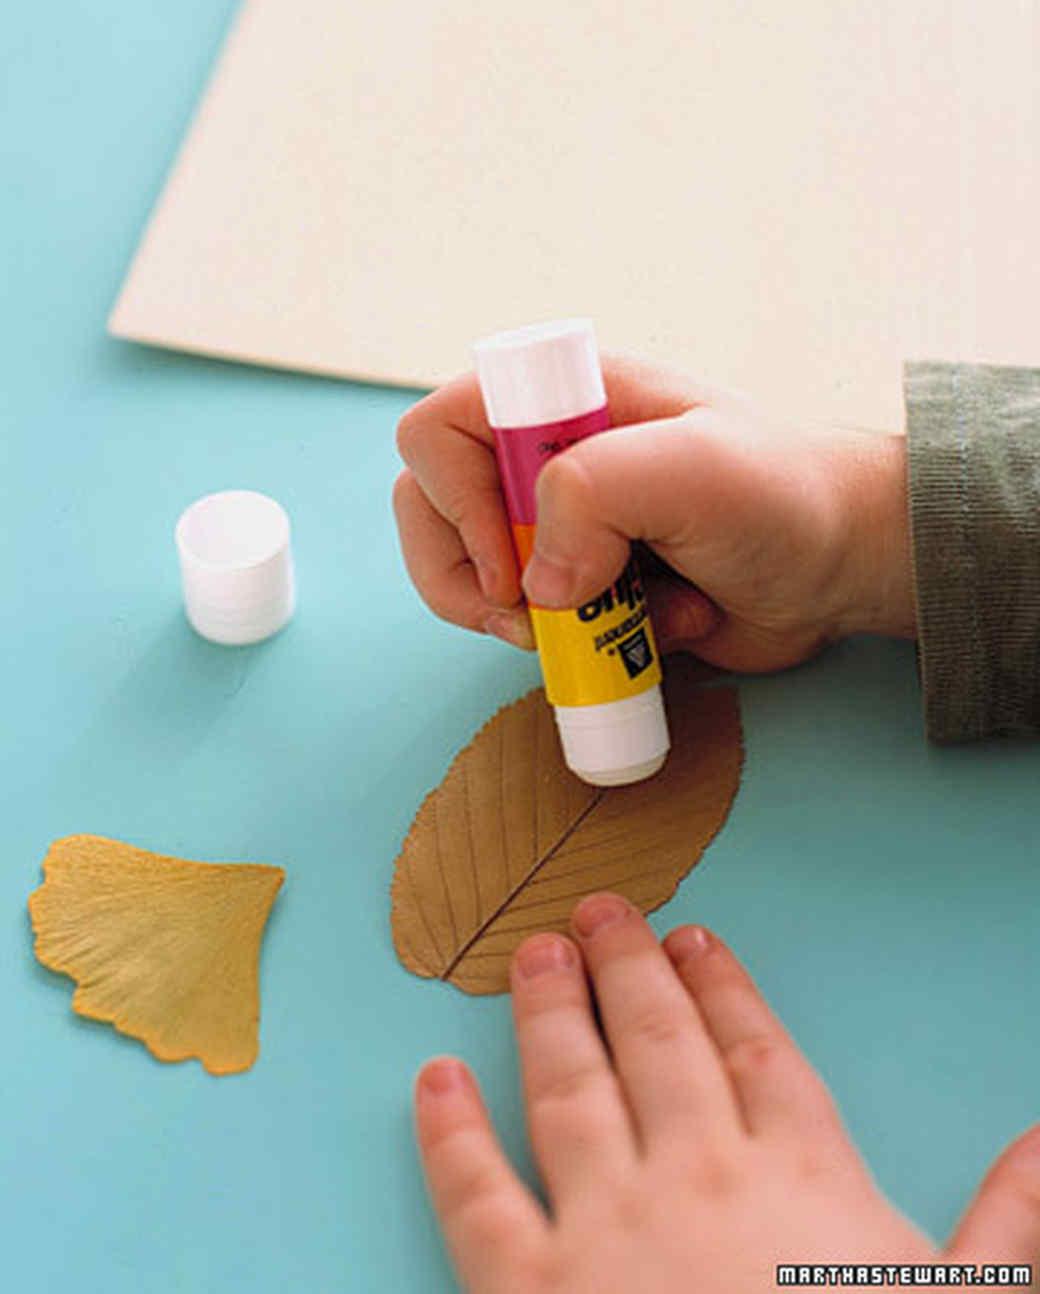 manualidad con hojas para hacer con niños